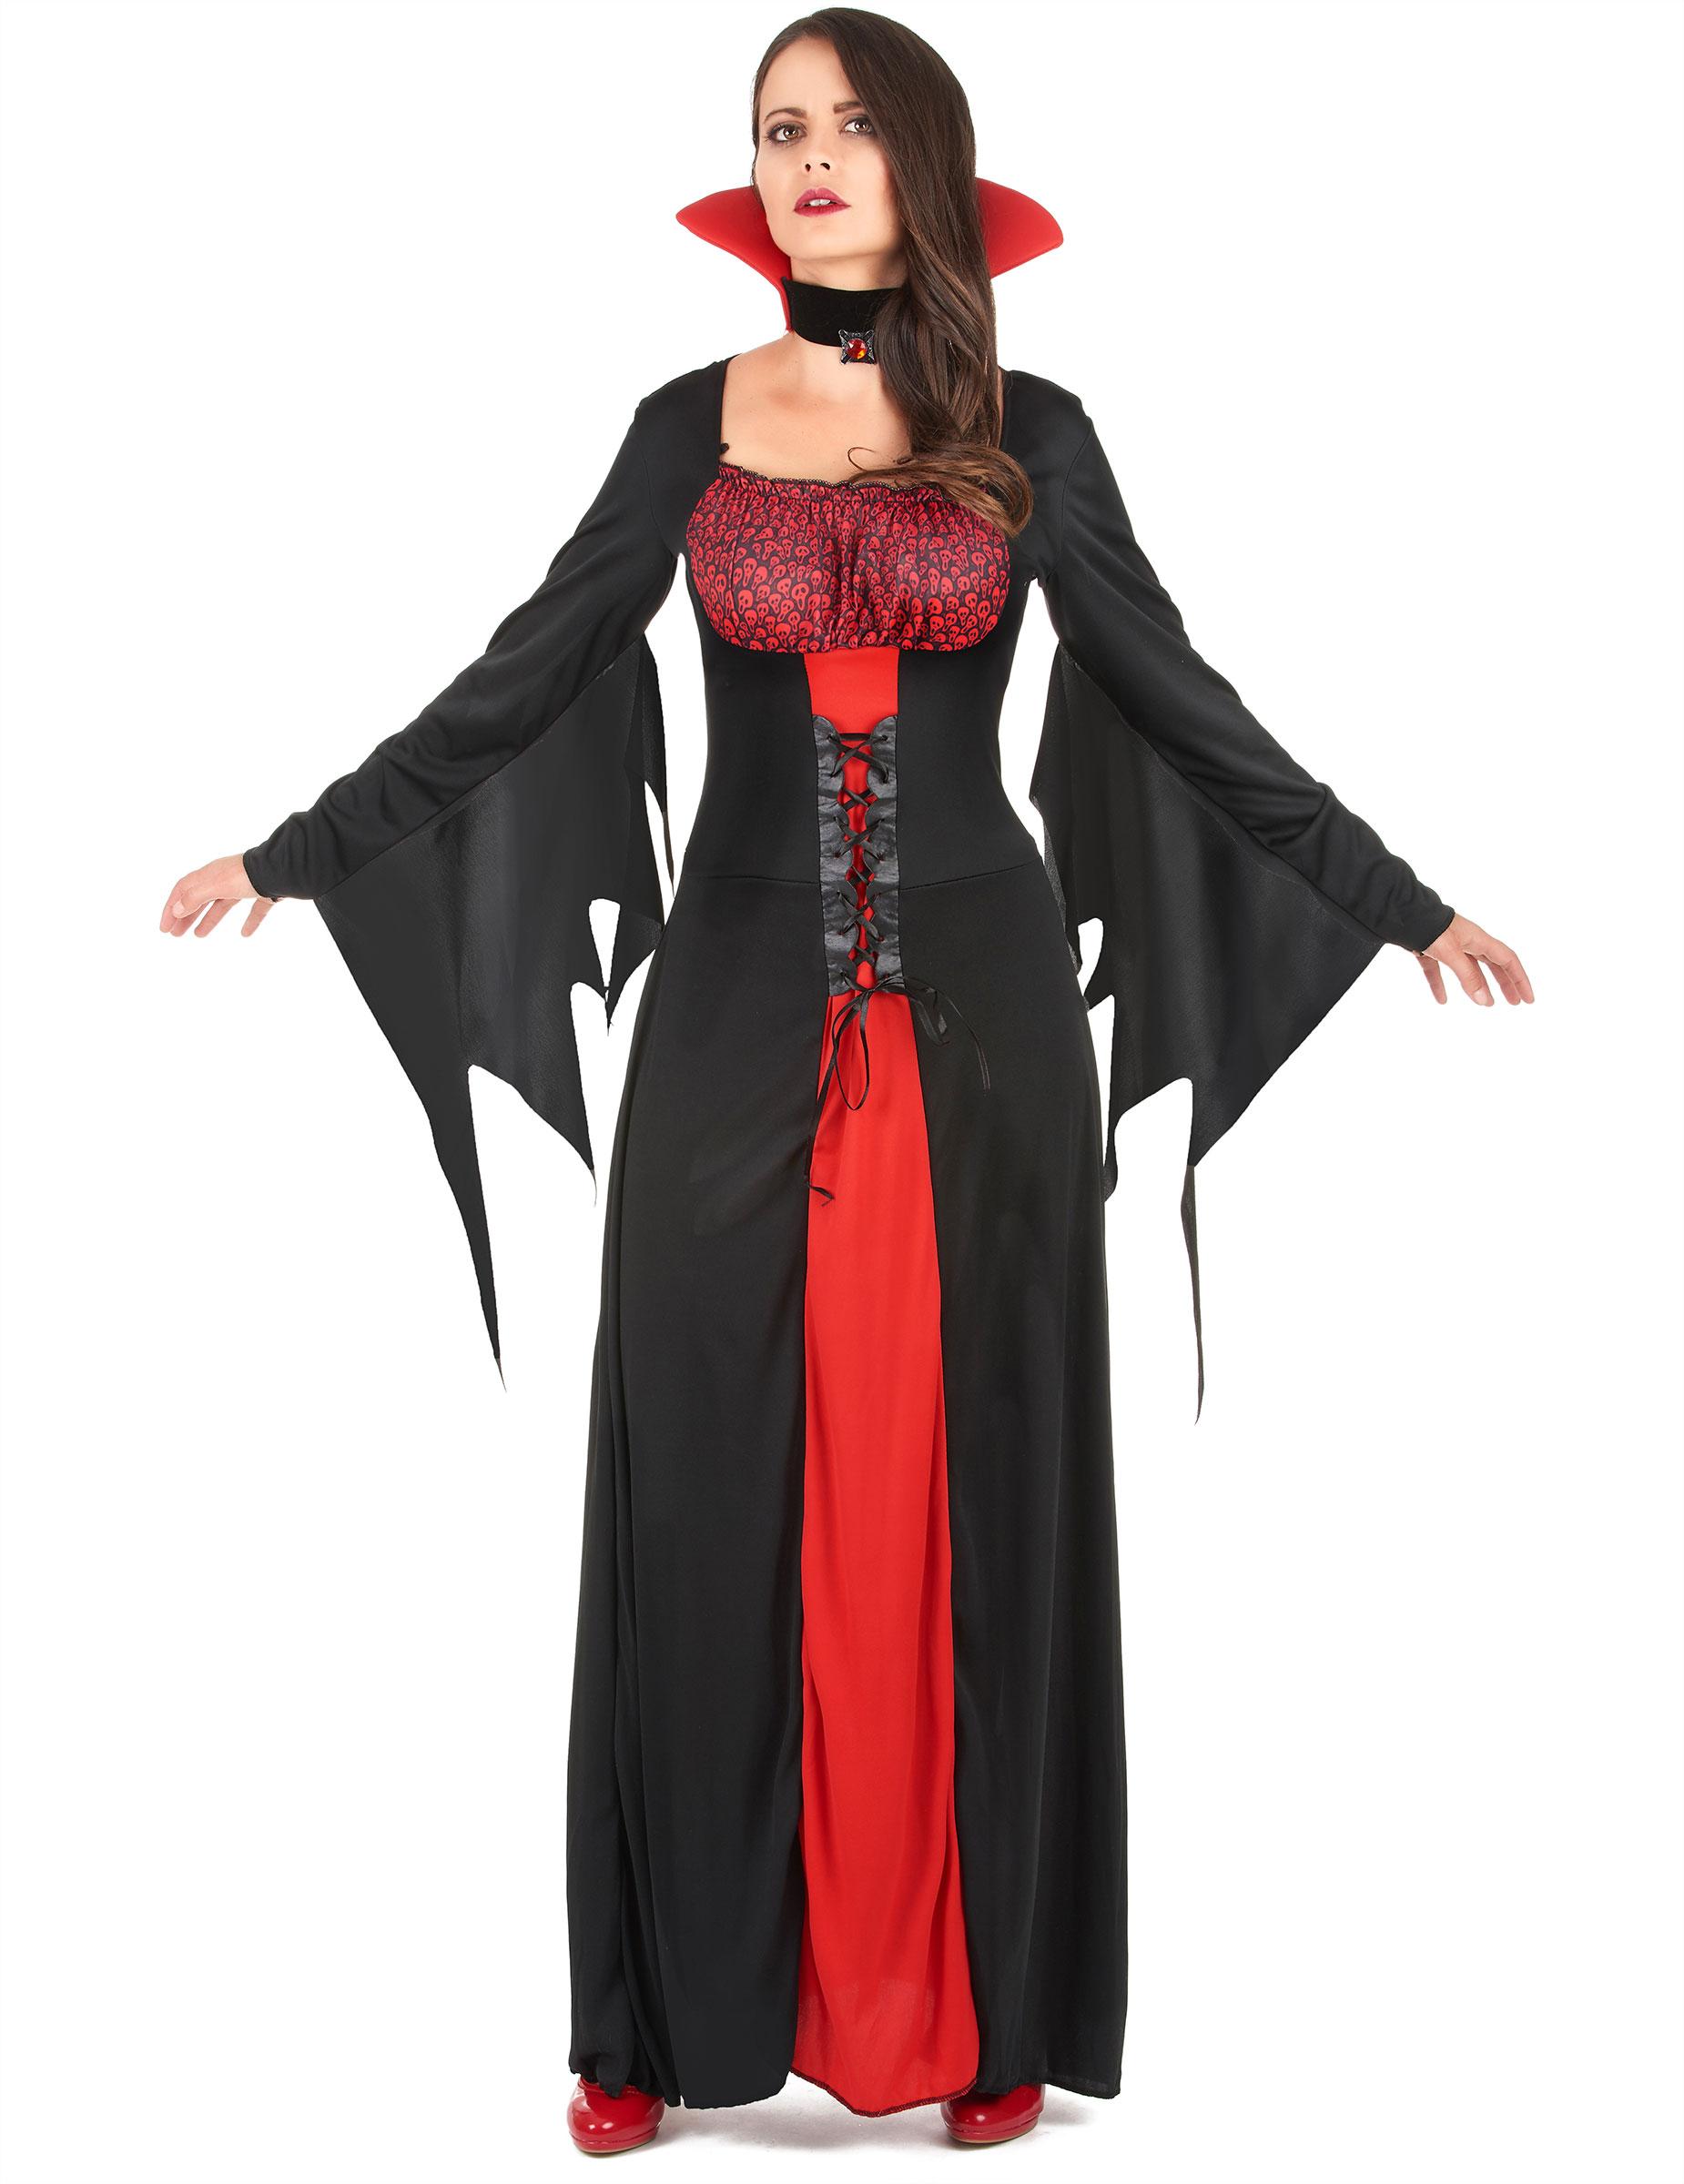 Costume da vampiro per donna Halloween su VegaooParty 36a20e79ffd4